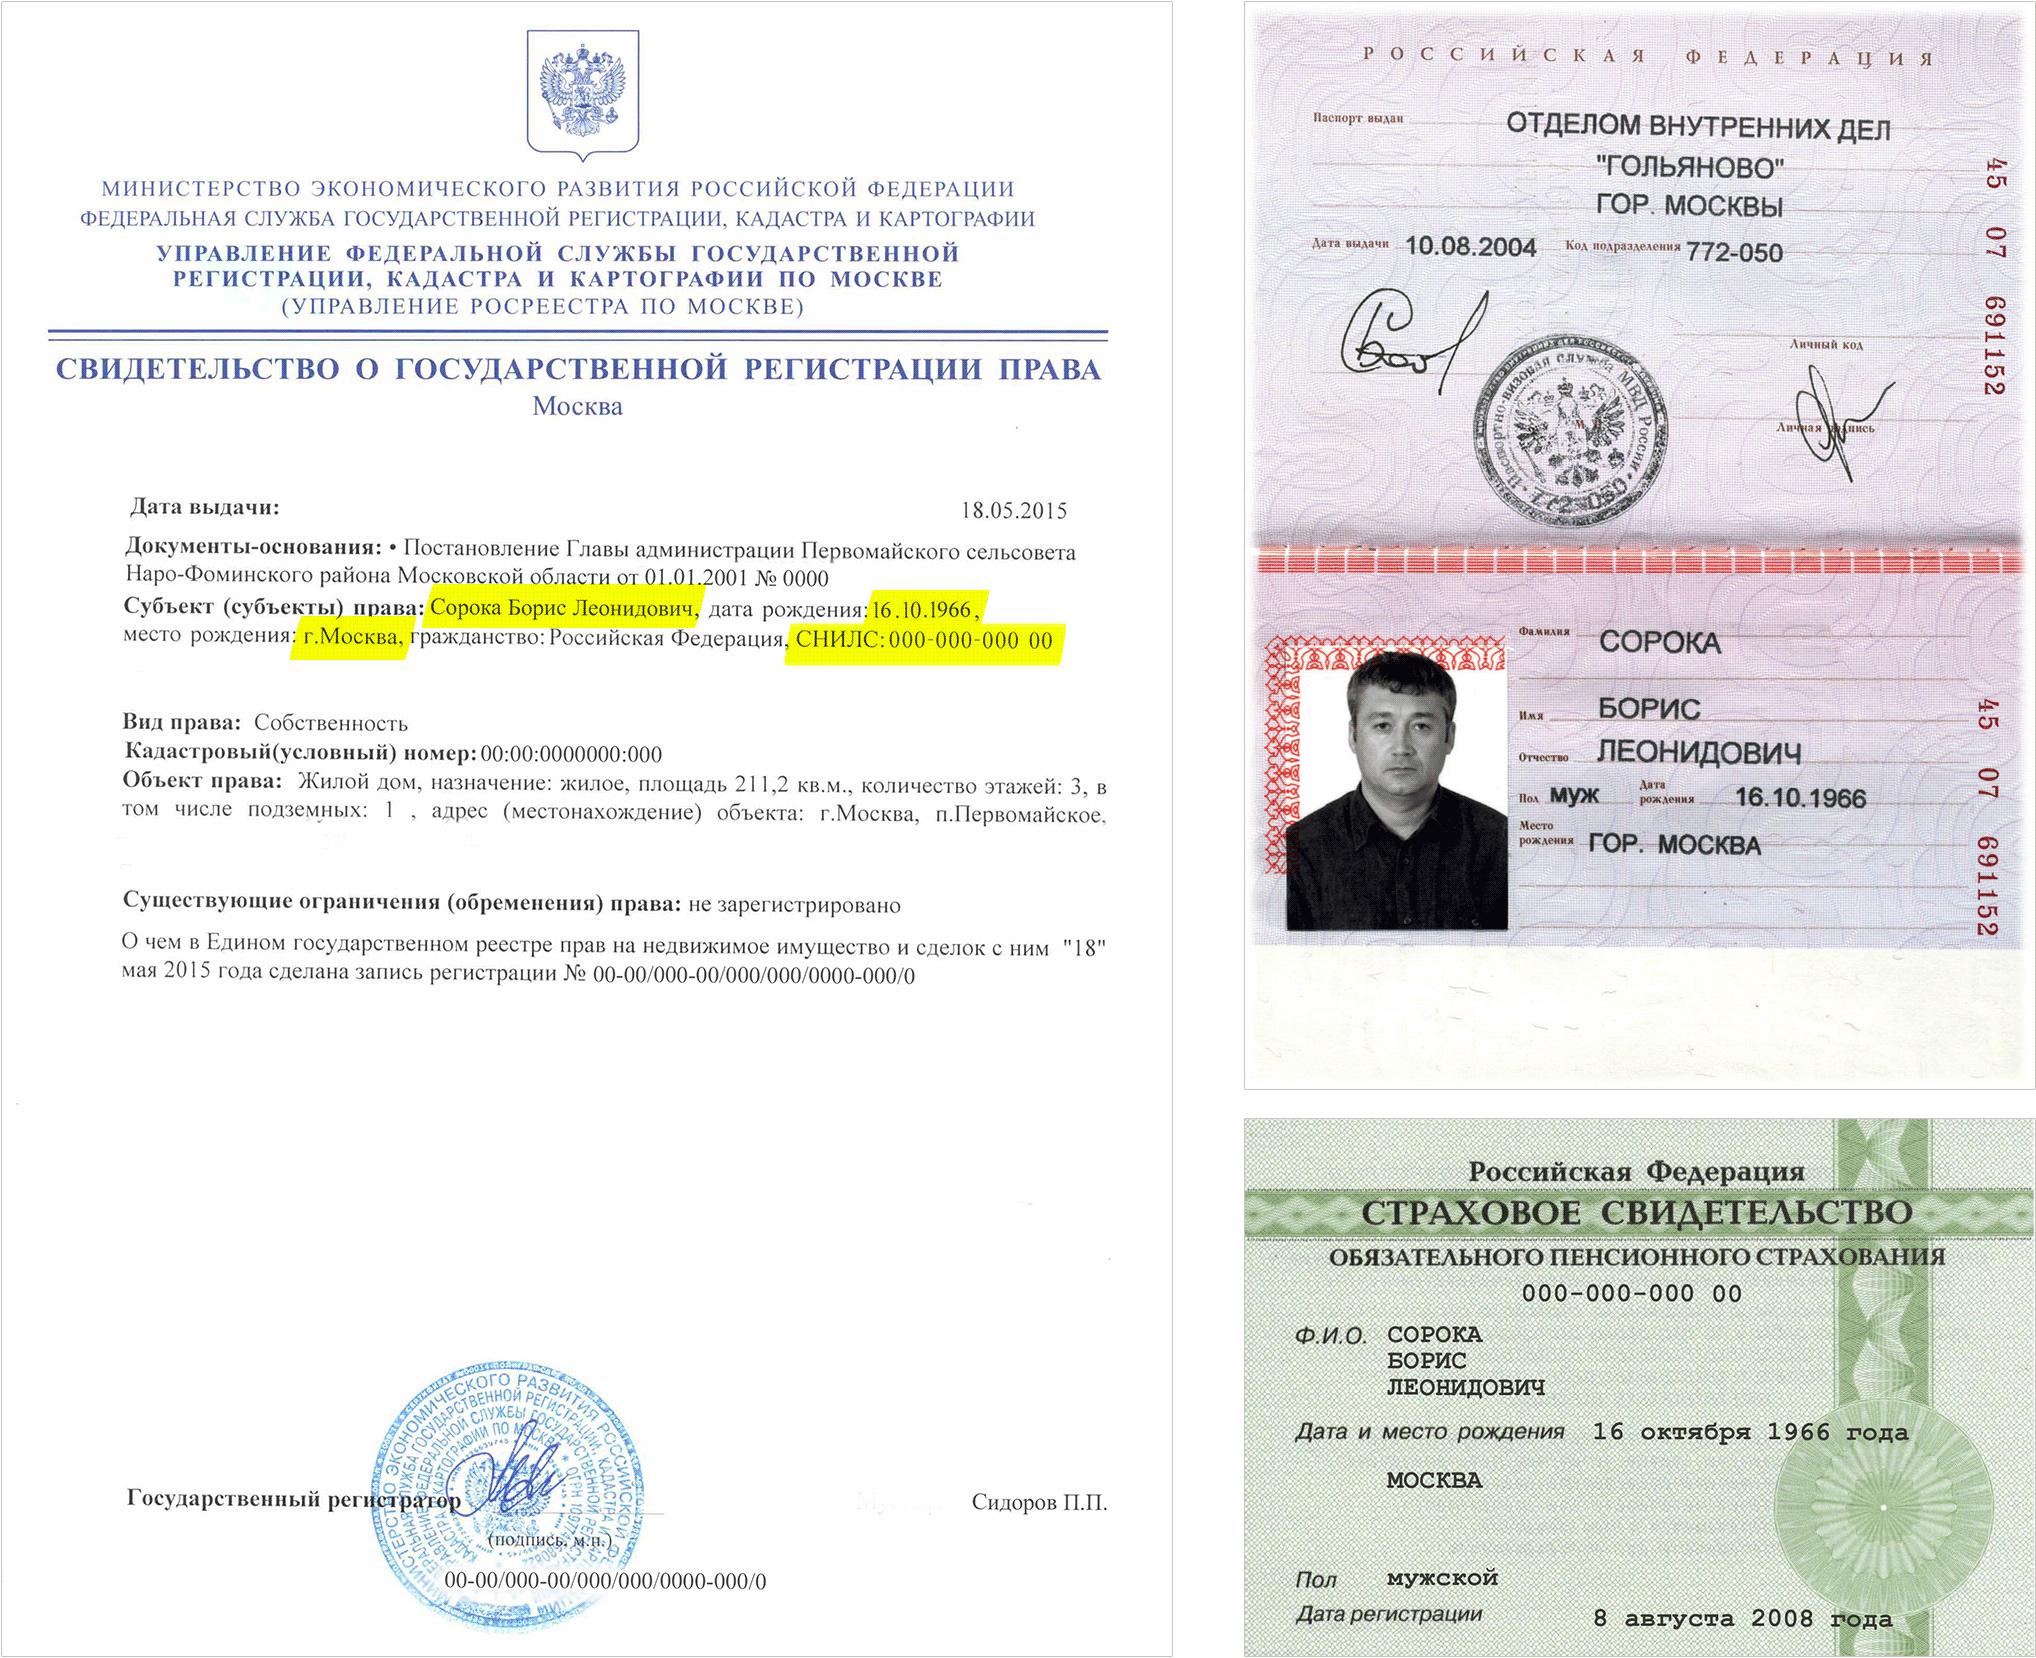 Помощь: Основные документы, применяемые для оформления операций по